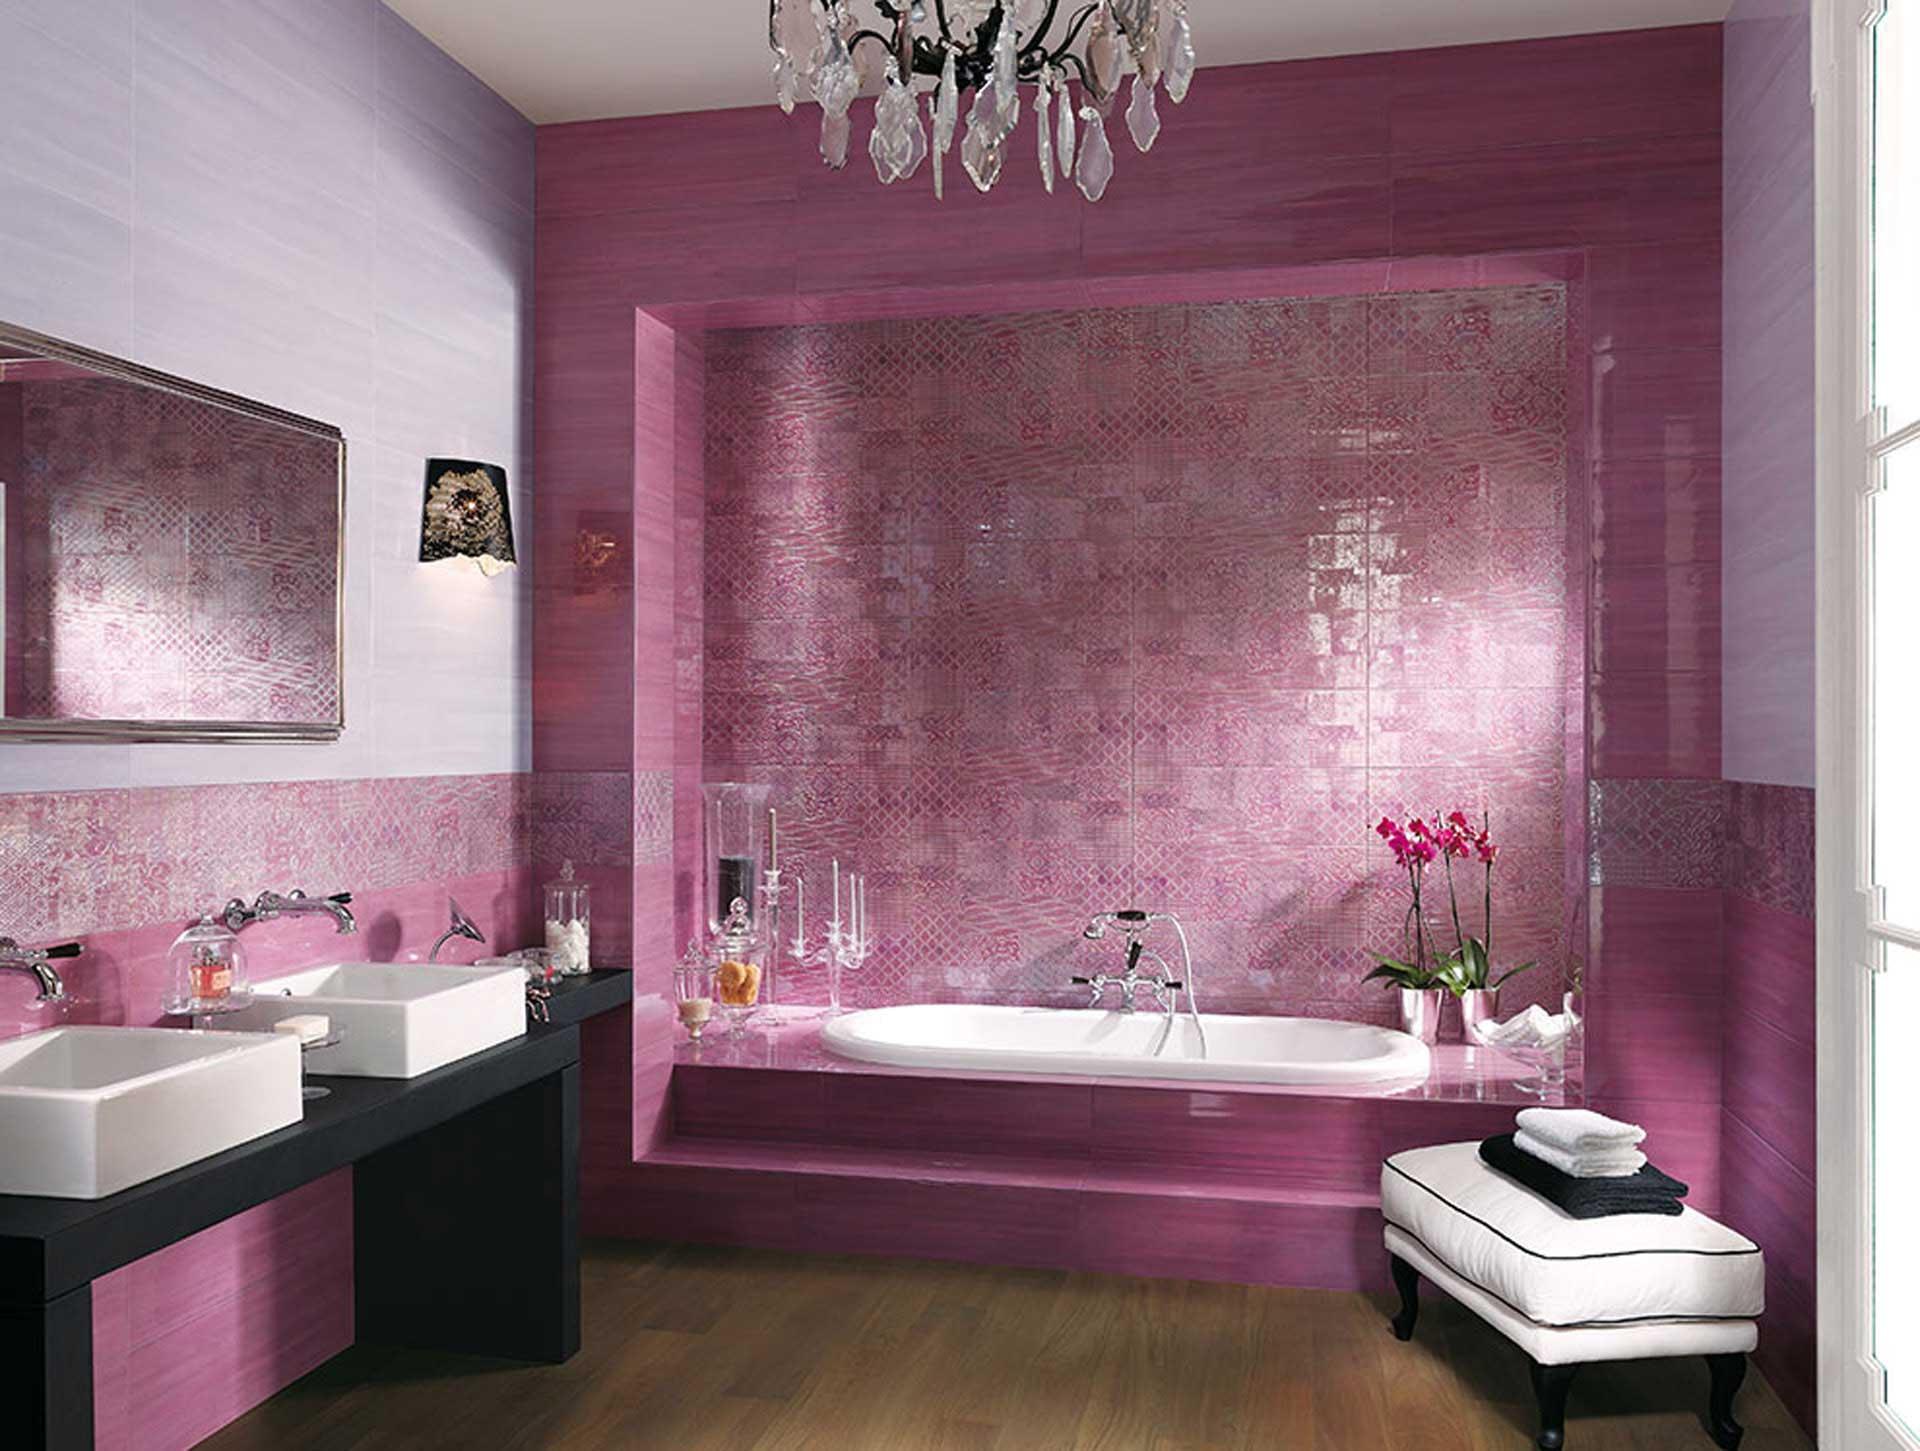 Rivestimenti Bagno Glicine : Sole un mix di decori e mosaici per il rivestimento bagno